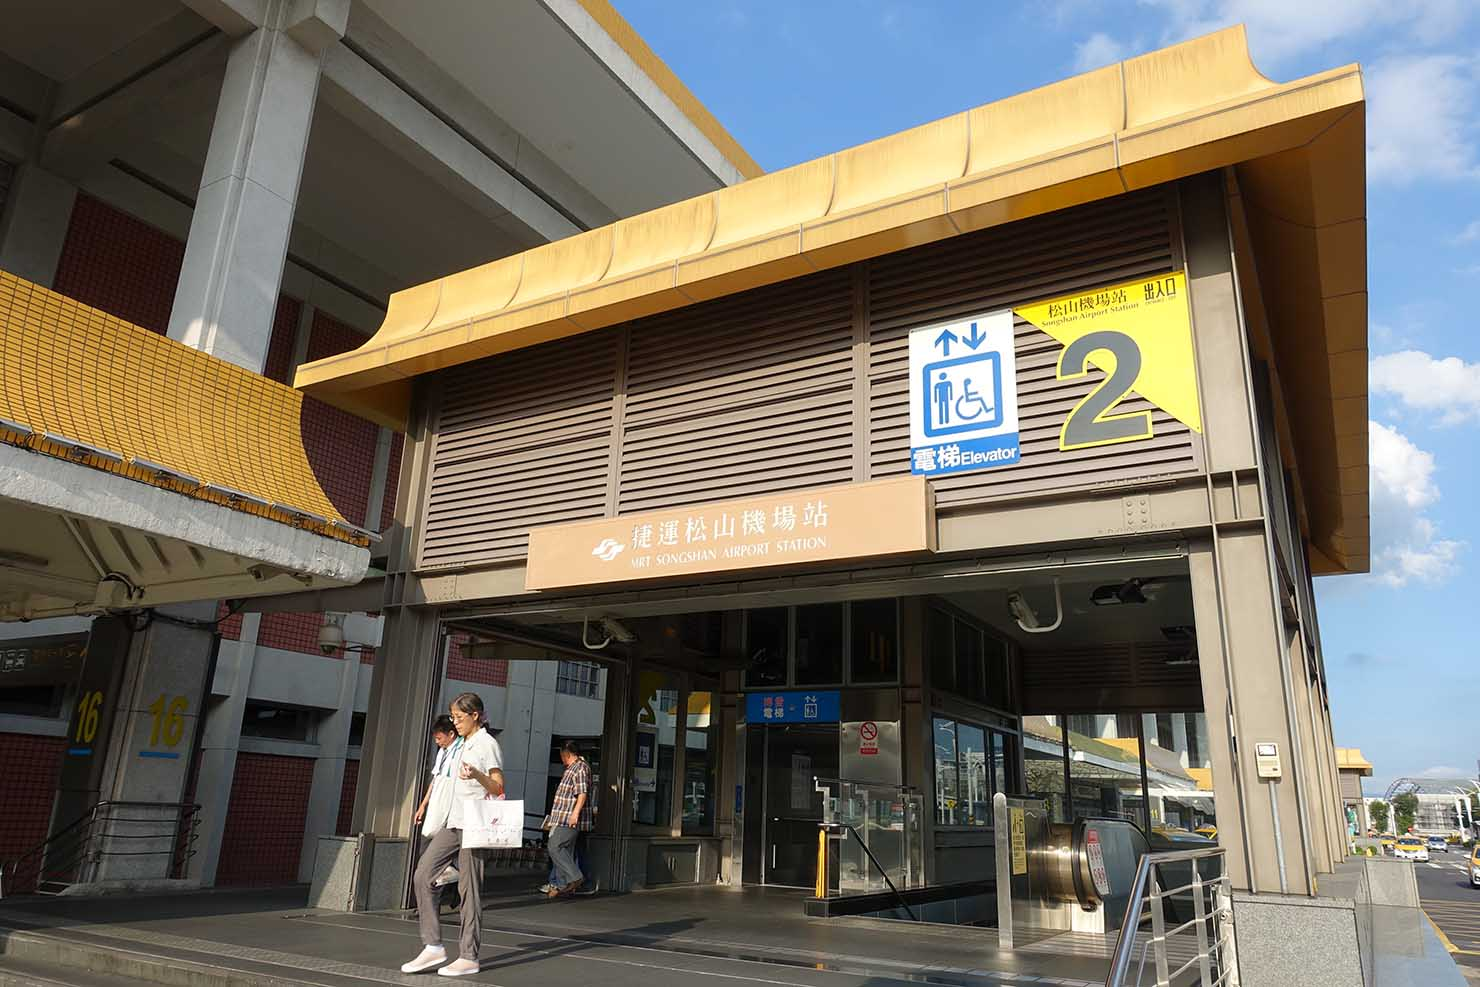 台北MRT(地下鉄)松山機場駅2番出口